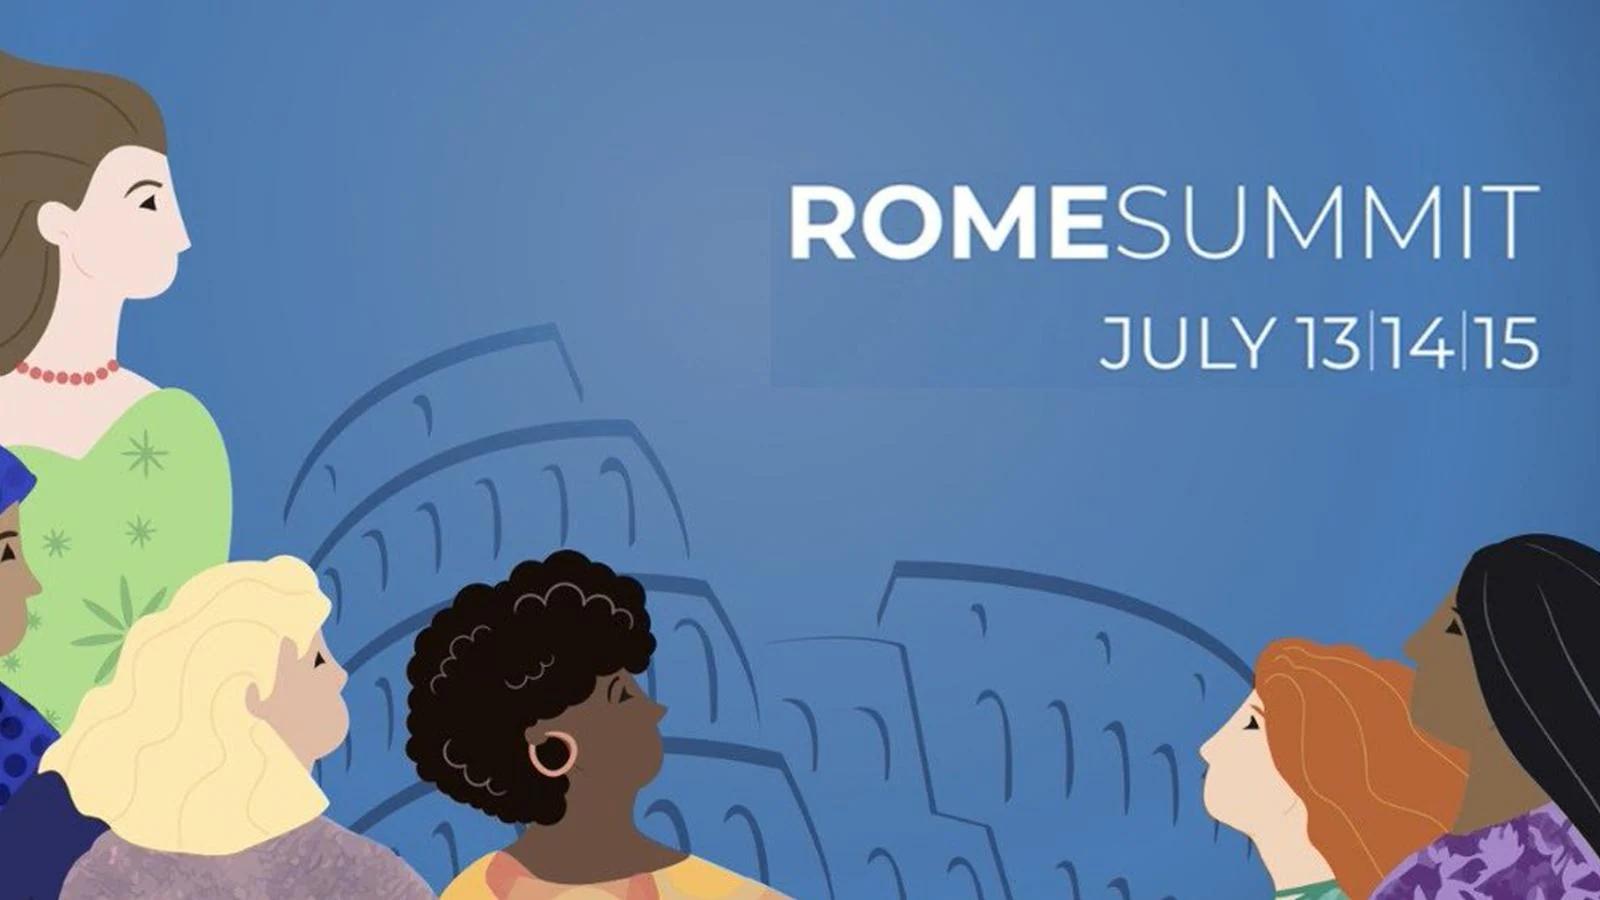 Представители «Синергии» выступили на саммите «Женской двадцатки» в Риме